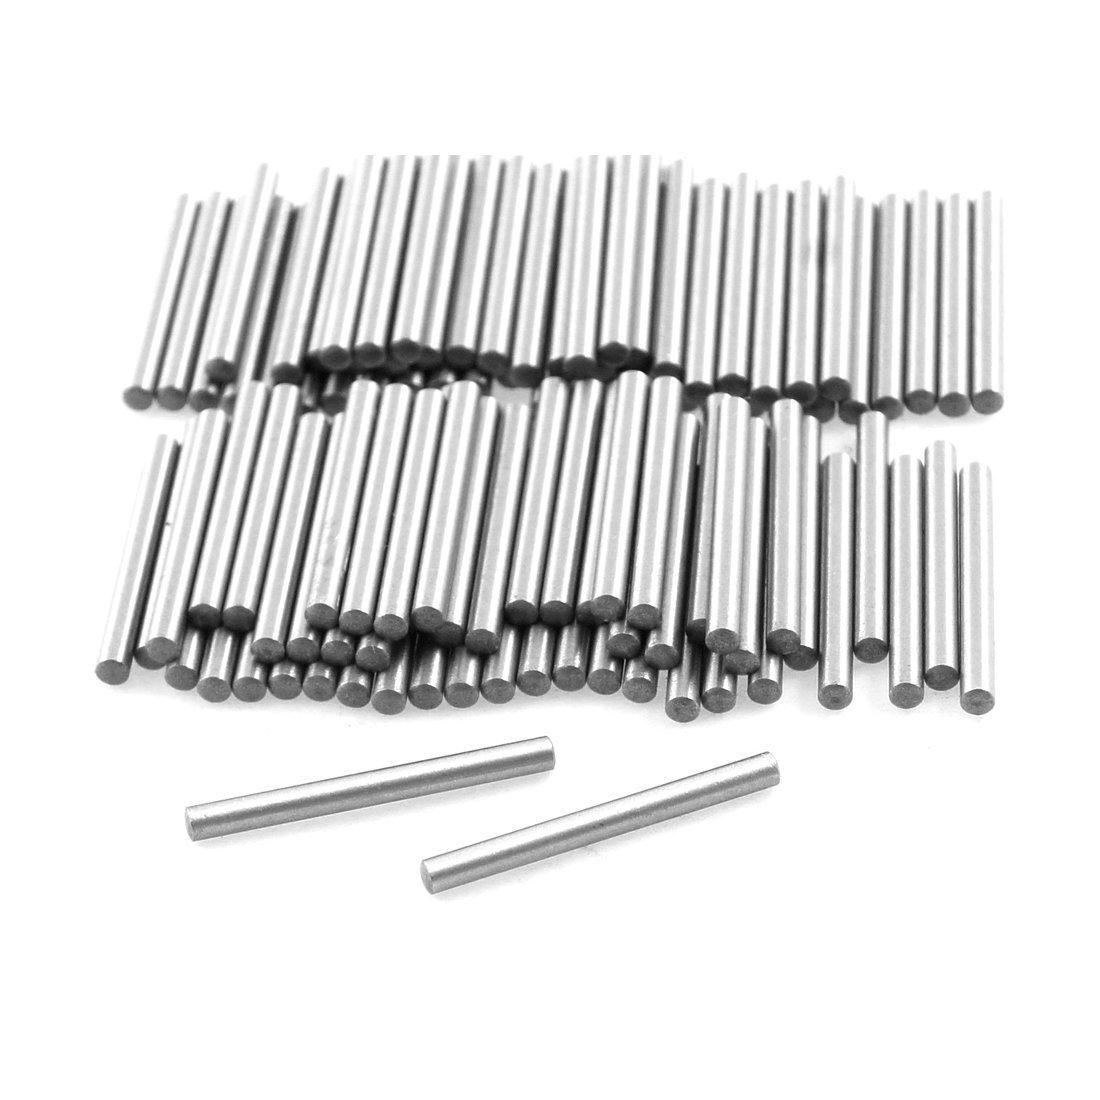 Pasador de espiga, 100 piezas de acero inoxidable de 1,5 mm x 15,8 mm, para sujetar elementos 100piezas de acero inoxidable de 1 5mm x 15 8mm Sourcingmap a12042300ux0551